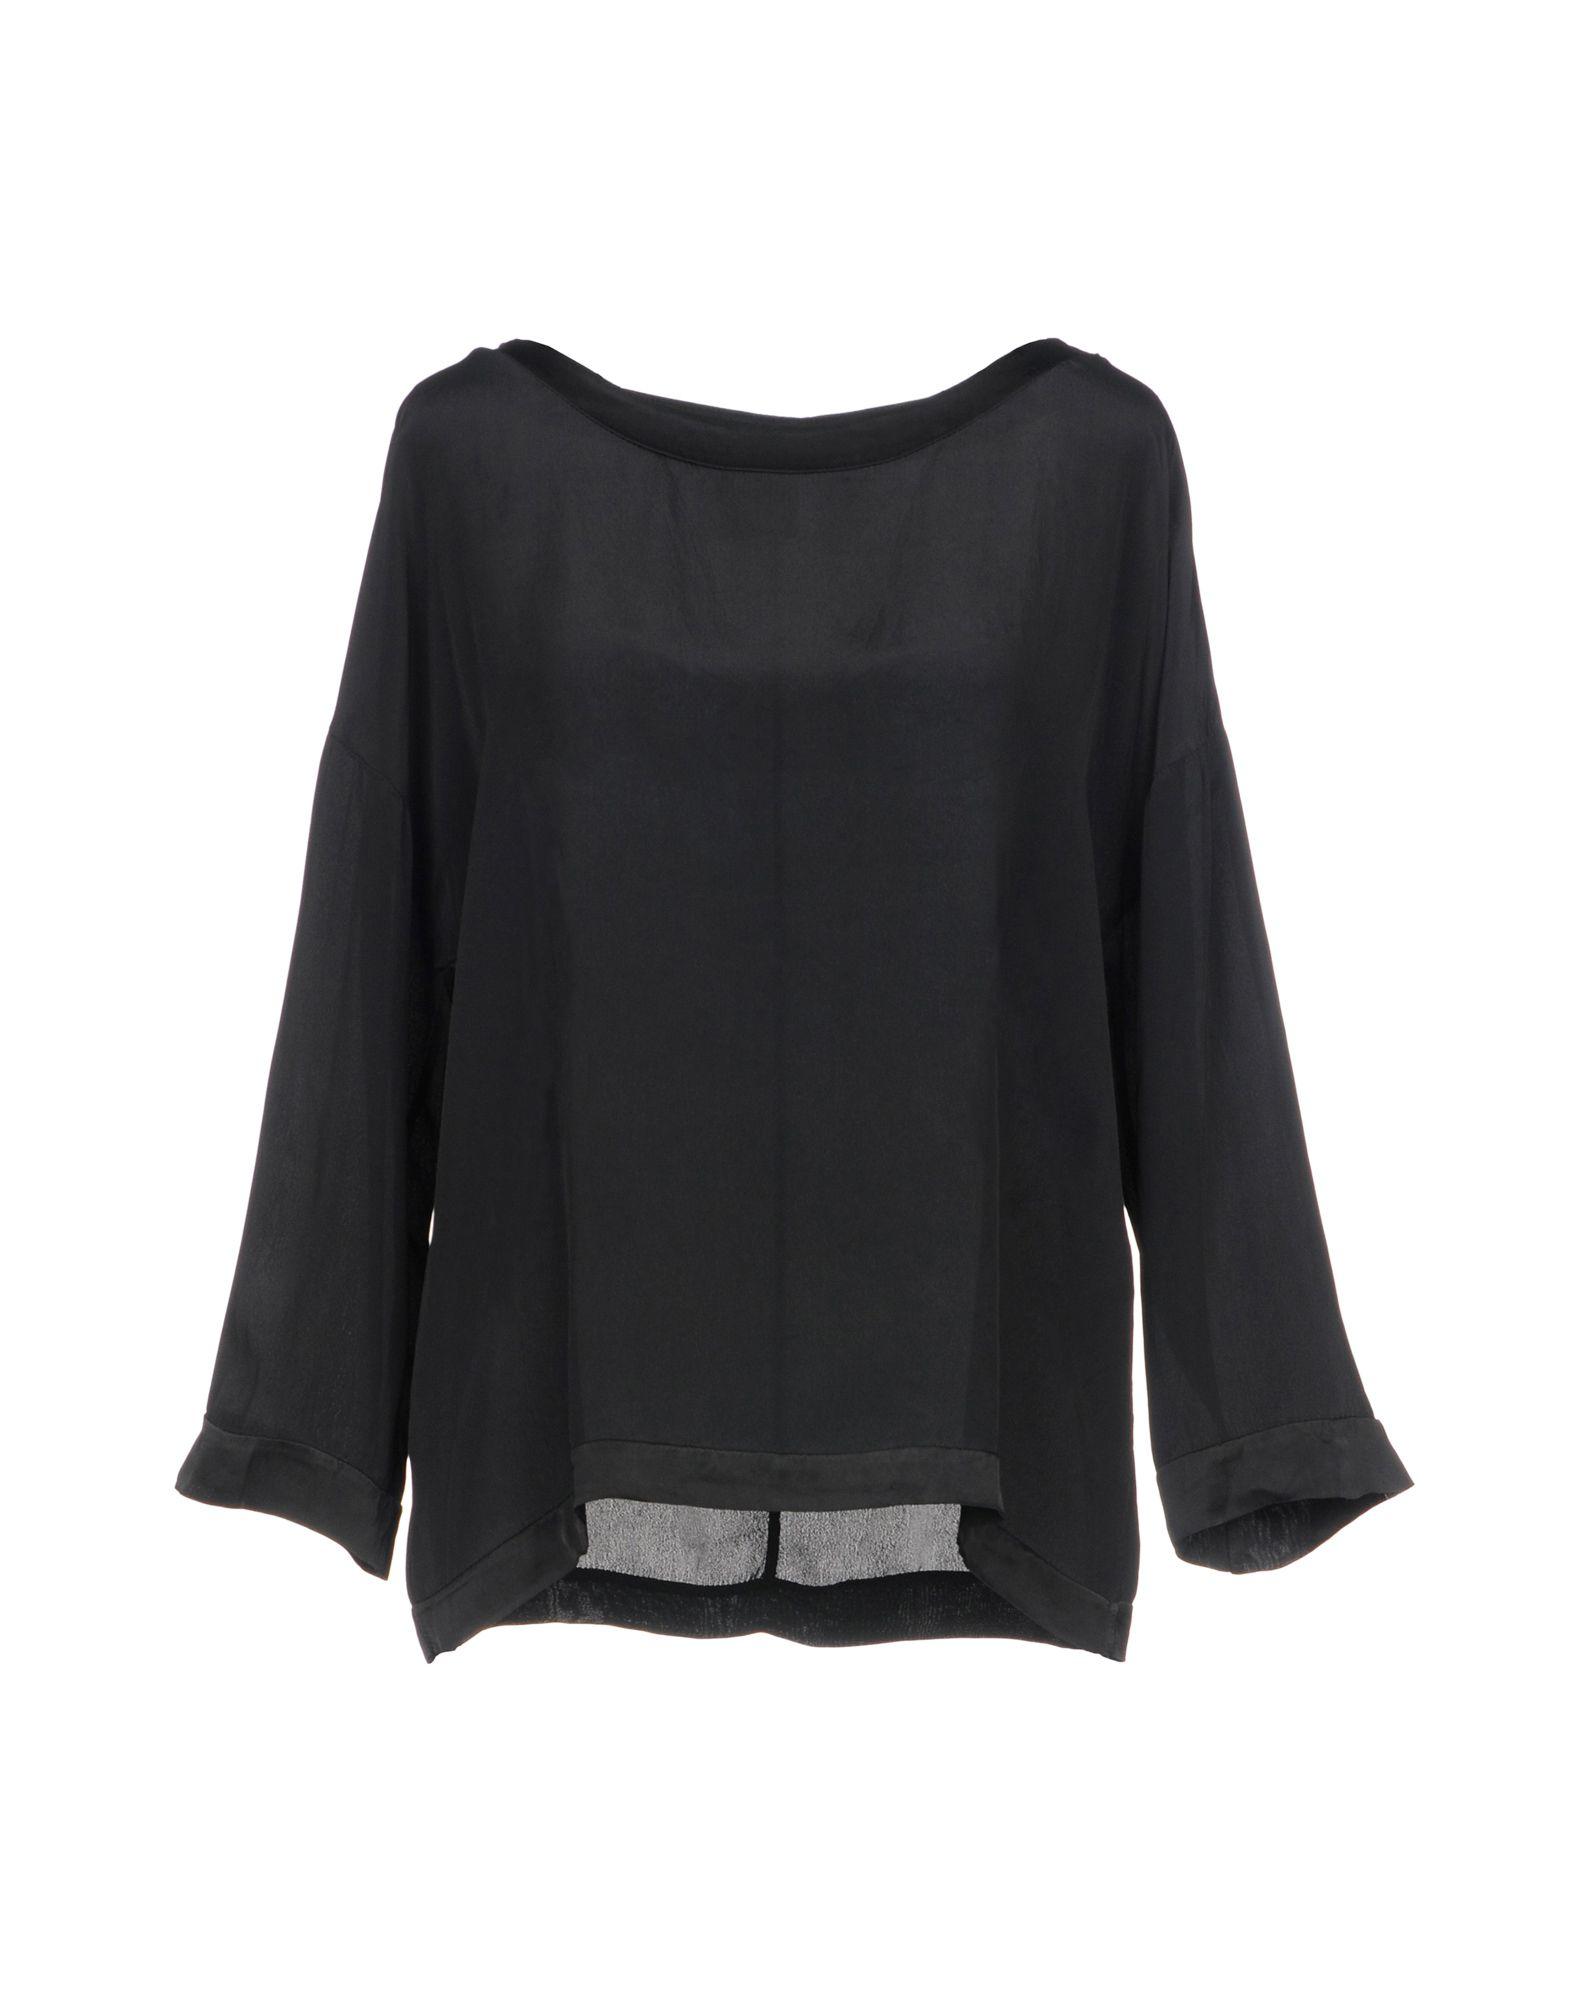 VAPOFORNO MILANO Блузка lucky lu milano блузка